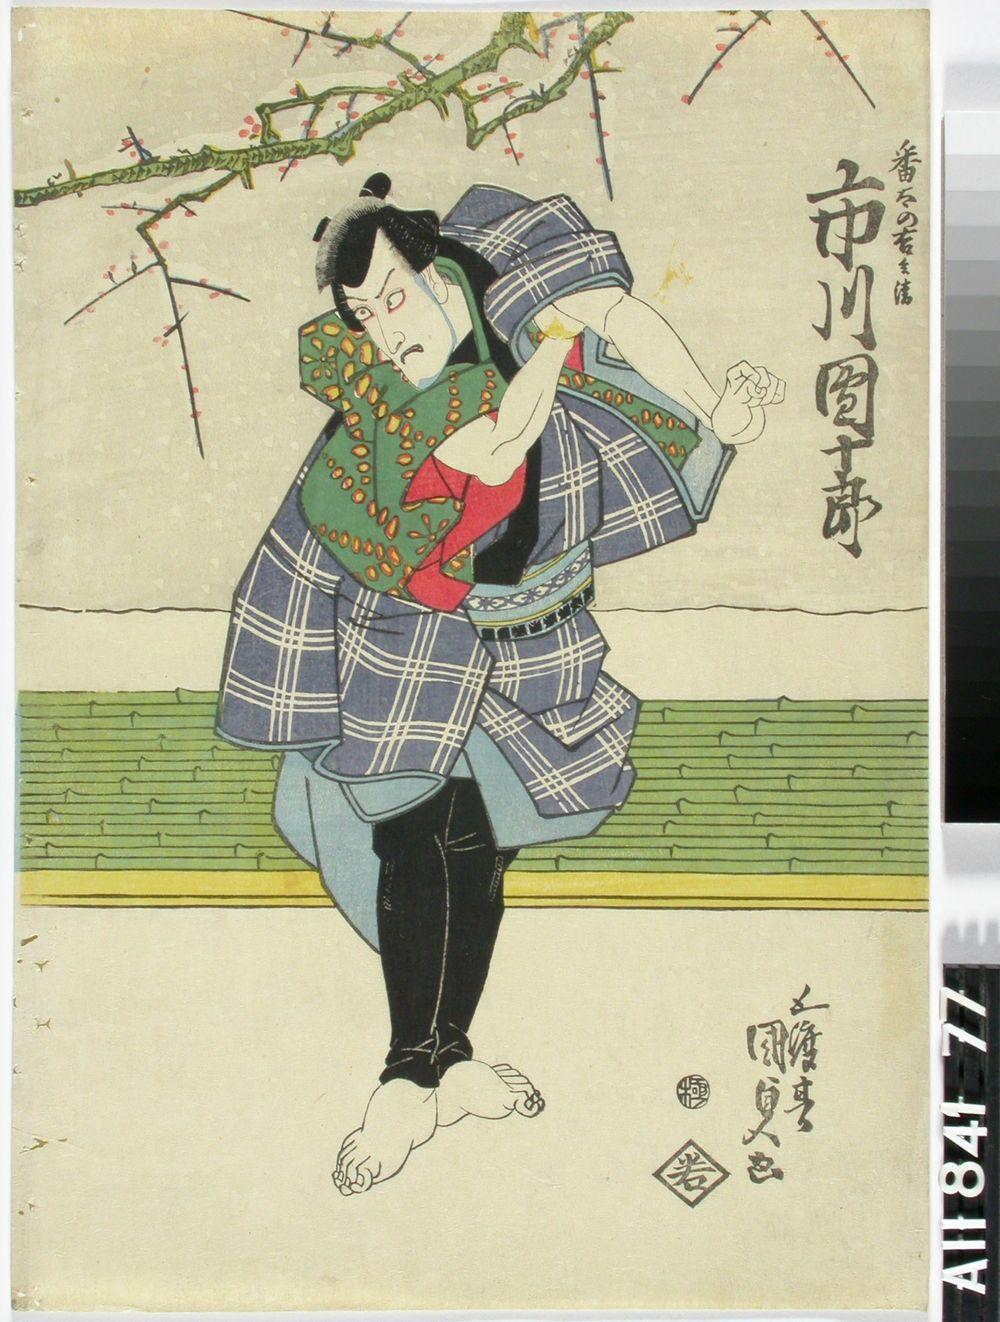 Näyttelijä Ichikawa Danjuro VII Banta no Kichirein roolissa